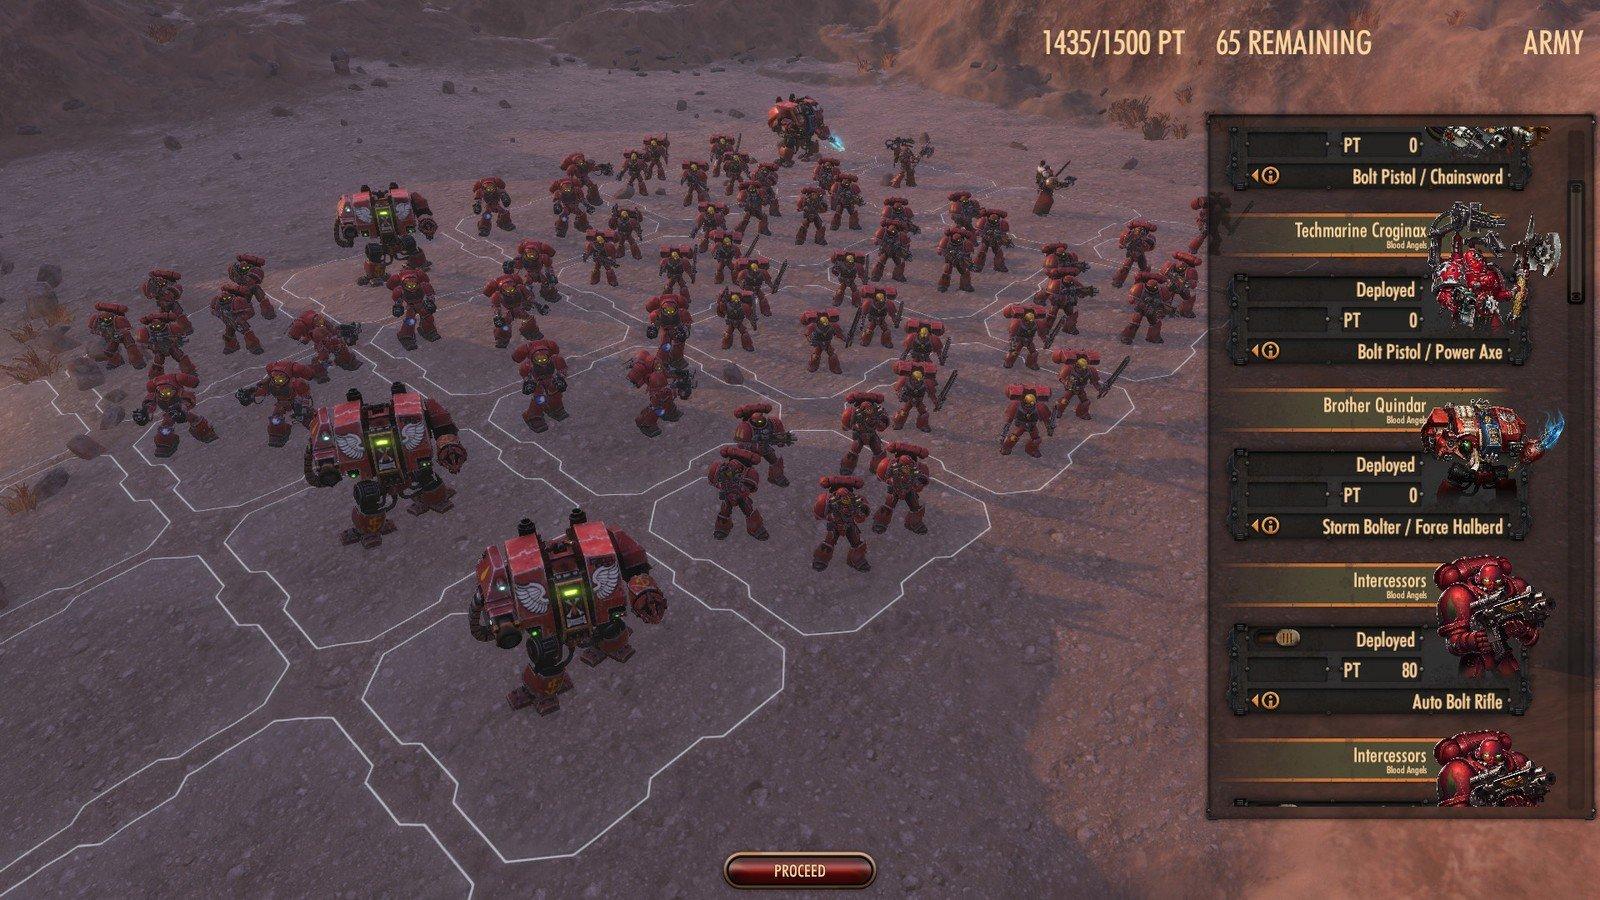 بررسی بازی Warhammer 40000: Battlesector